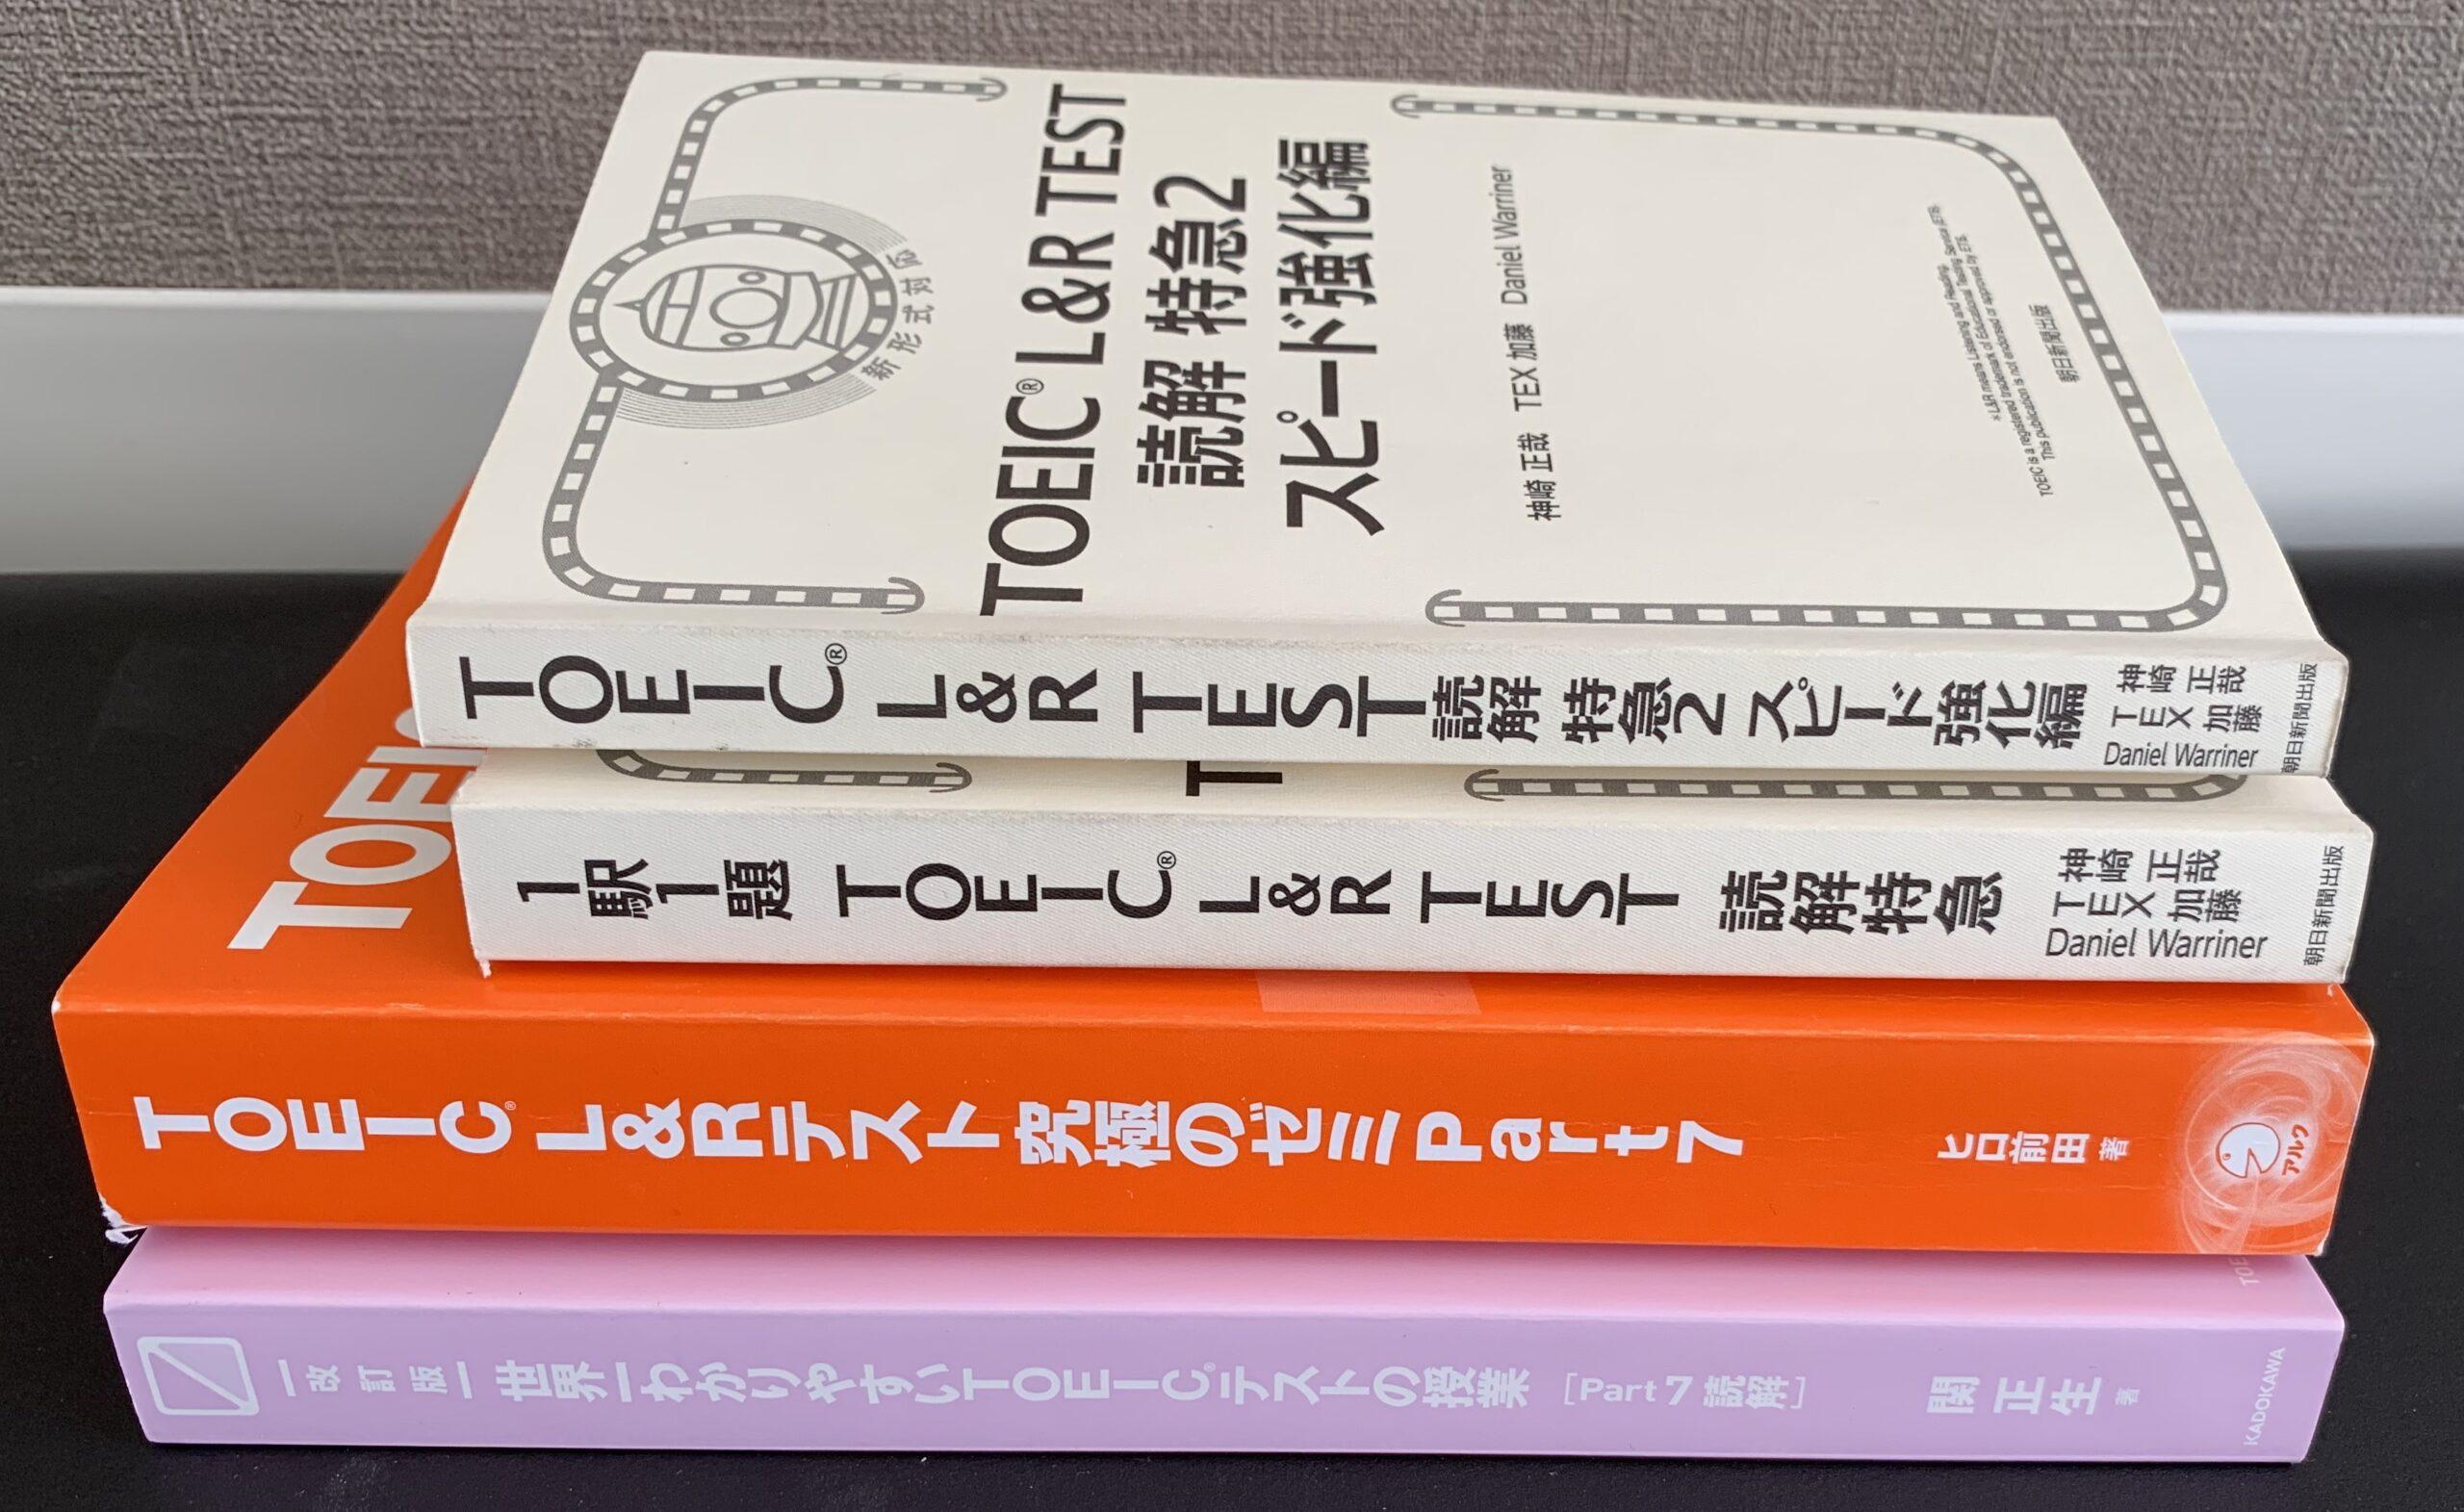 【❸読解編】TOEIC875点を取得したときに使用した教材一覧